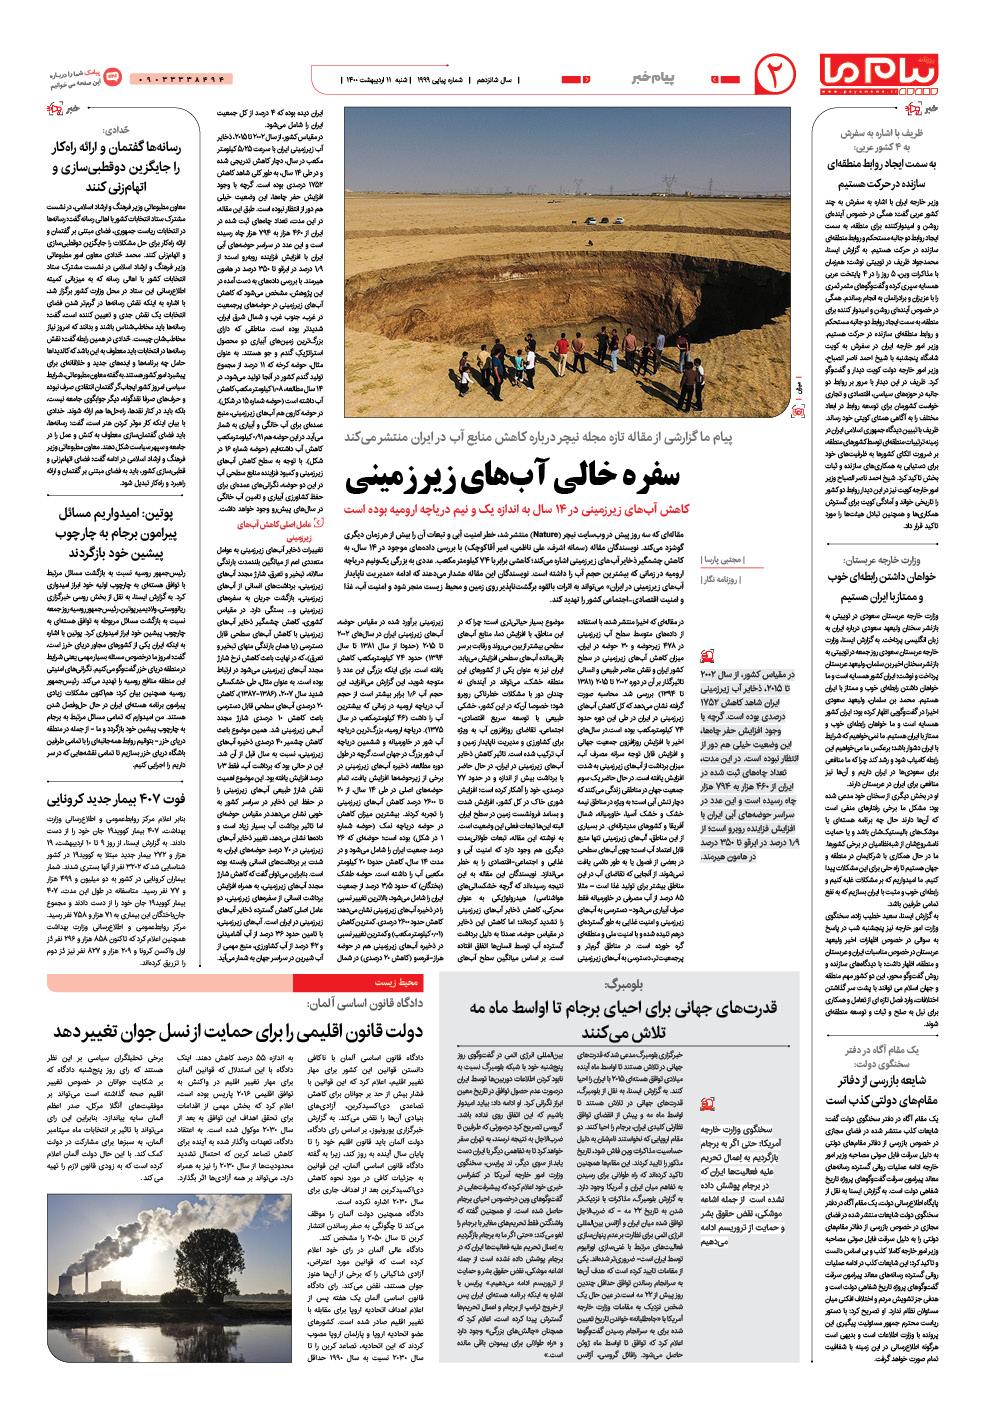 صفحه پیام خبر شماره ۱۹۹۹ روزنامه پیام ما